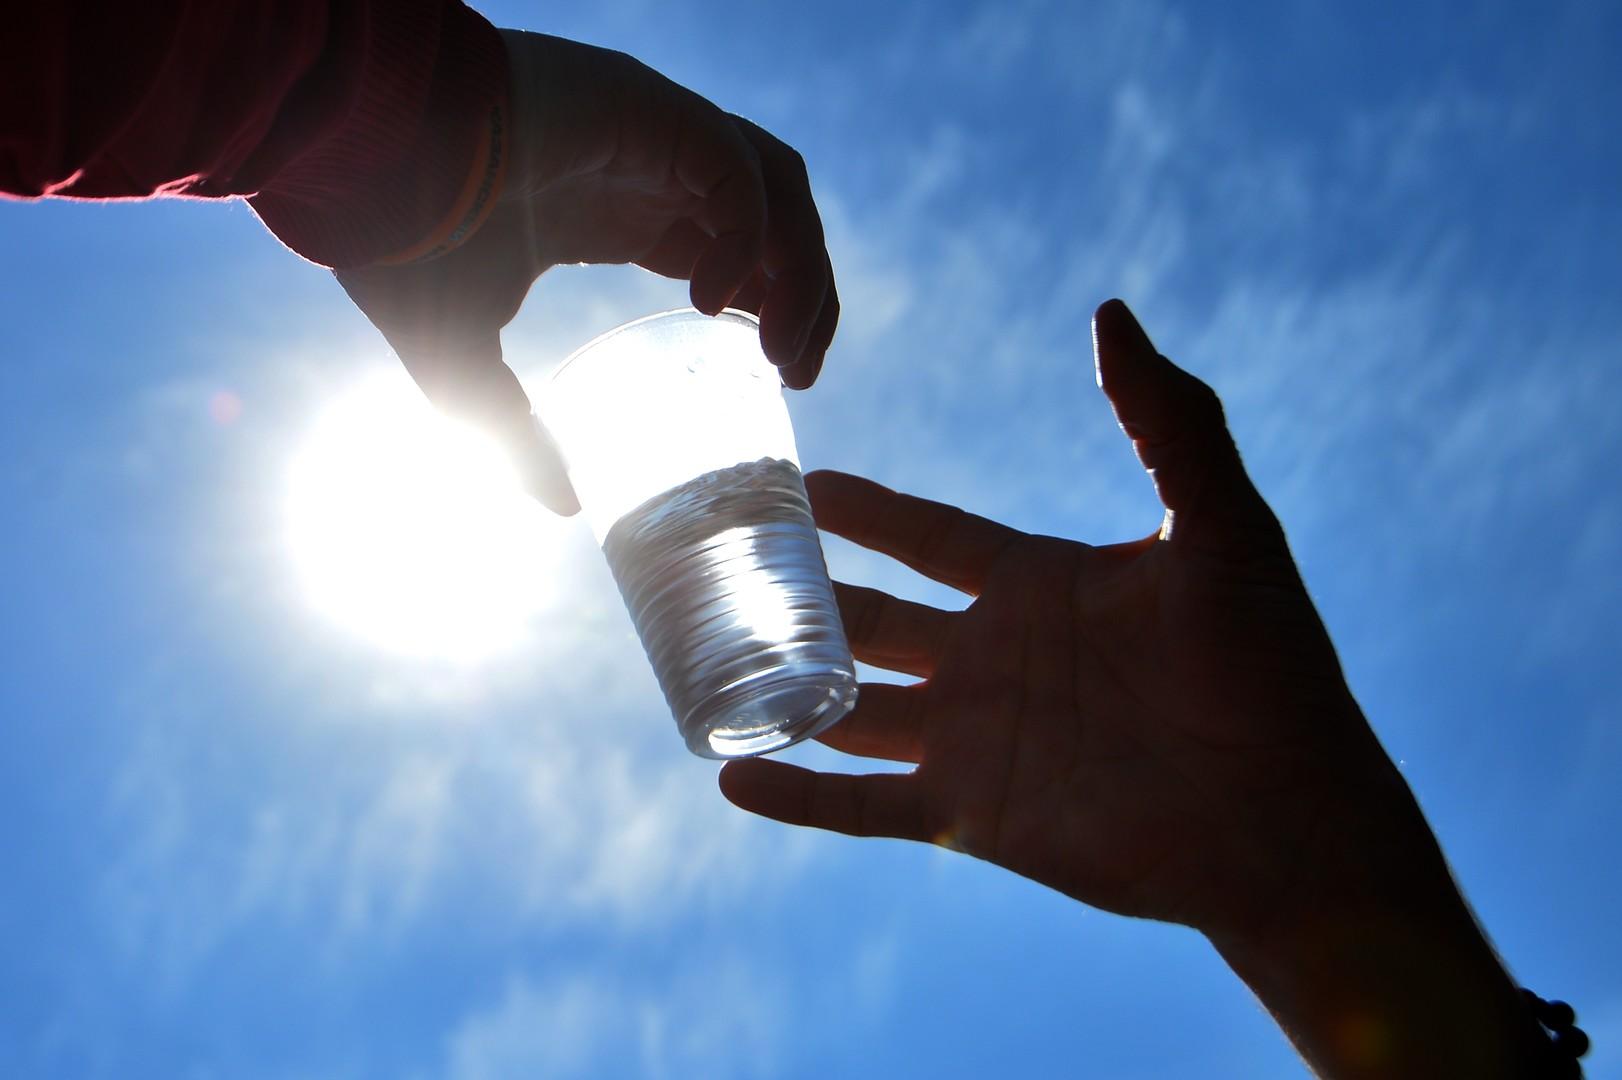 В Сочи и на Байкале могут запретить пластиковые стаканы и пакеты